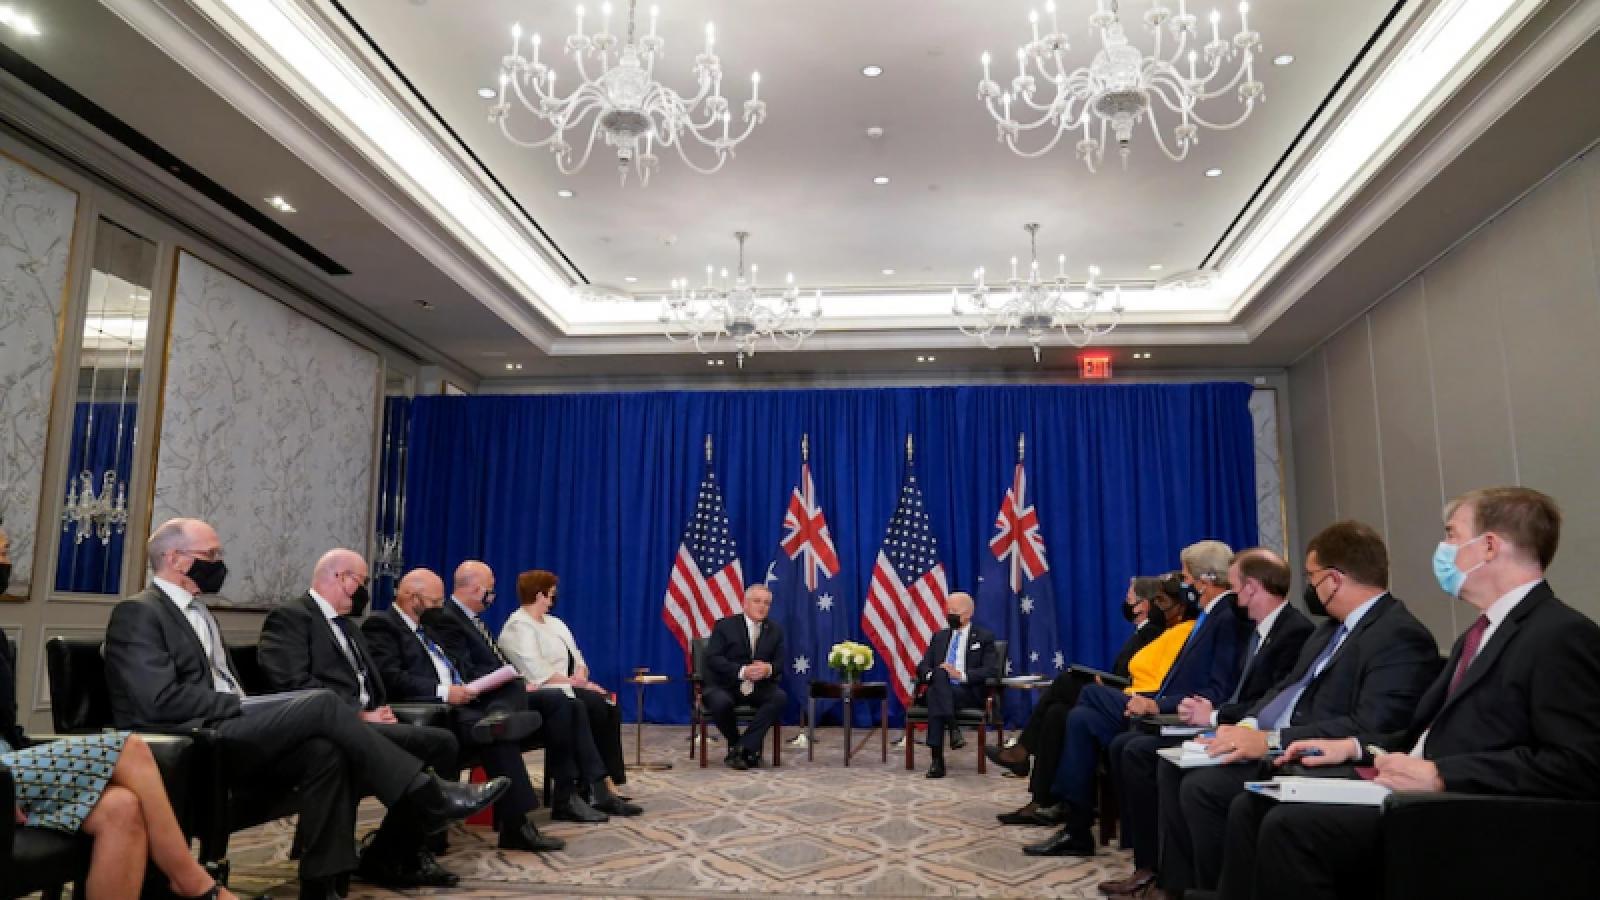 Thủ tướng Australia: Quan hệ đối tác Australia-Mỹ mang lại lợi ích cho các quốc gia khác